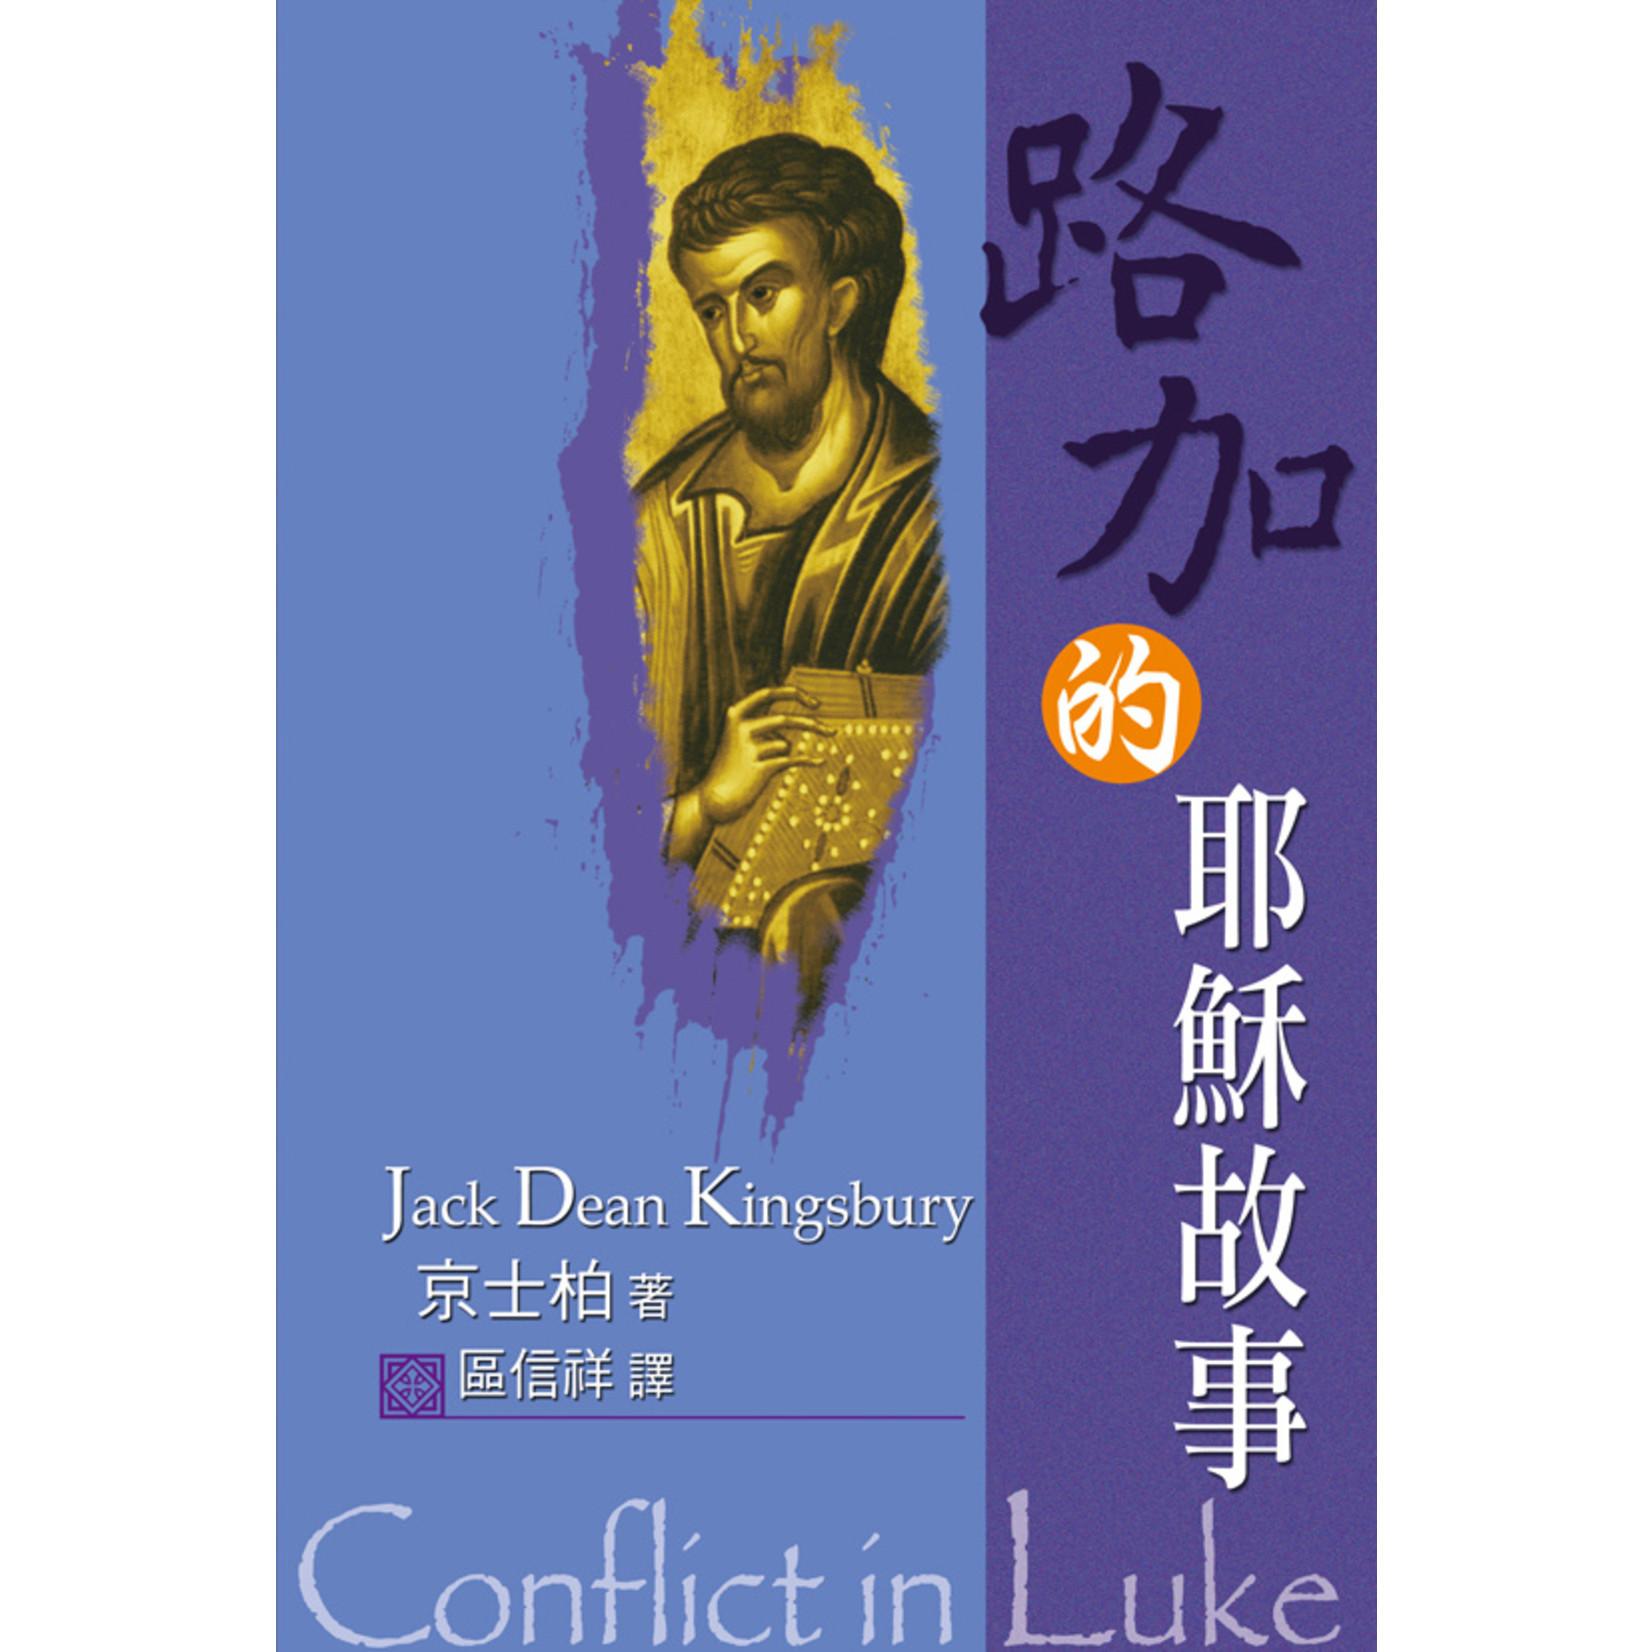 天道書樓 Tien Dao Publishing House 路加的耶穌故事 Conflict in Luke